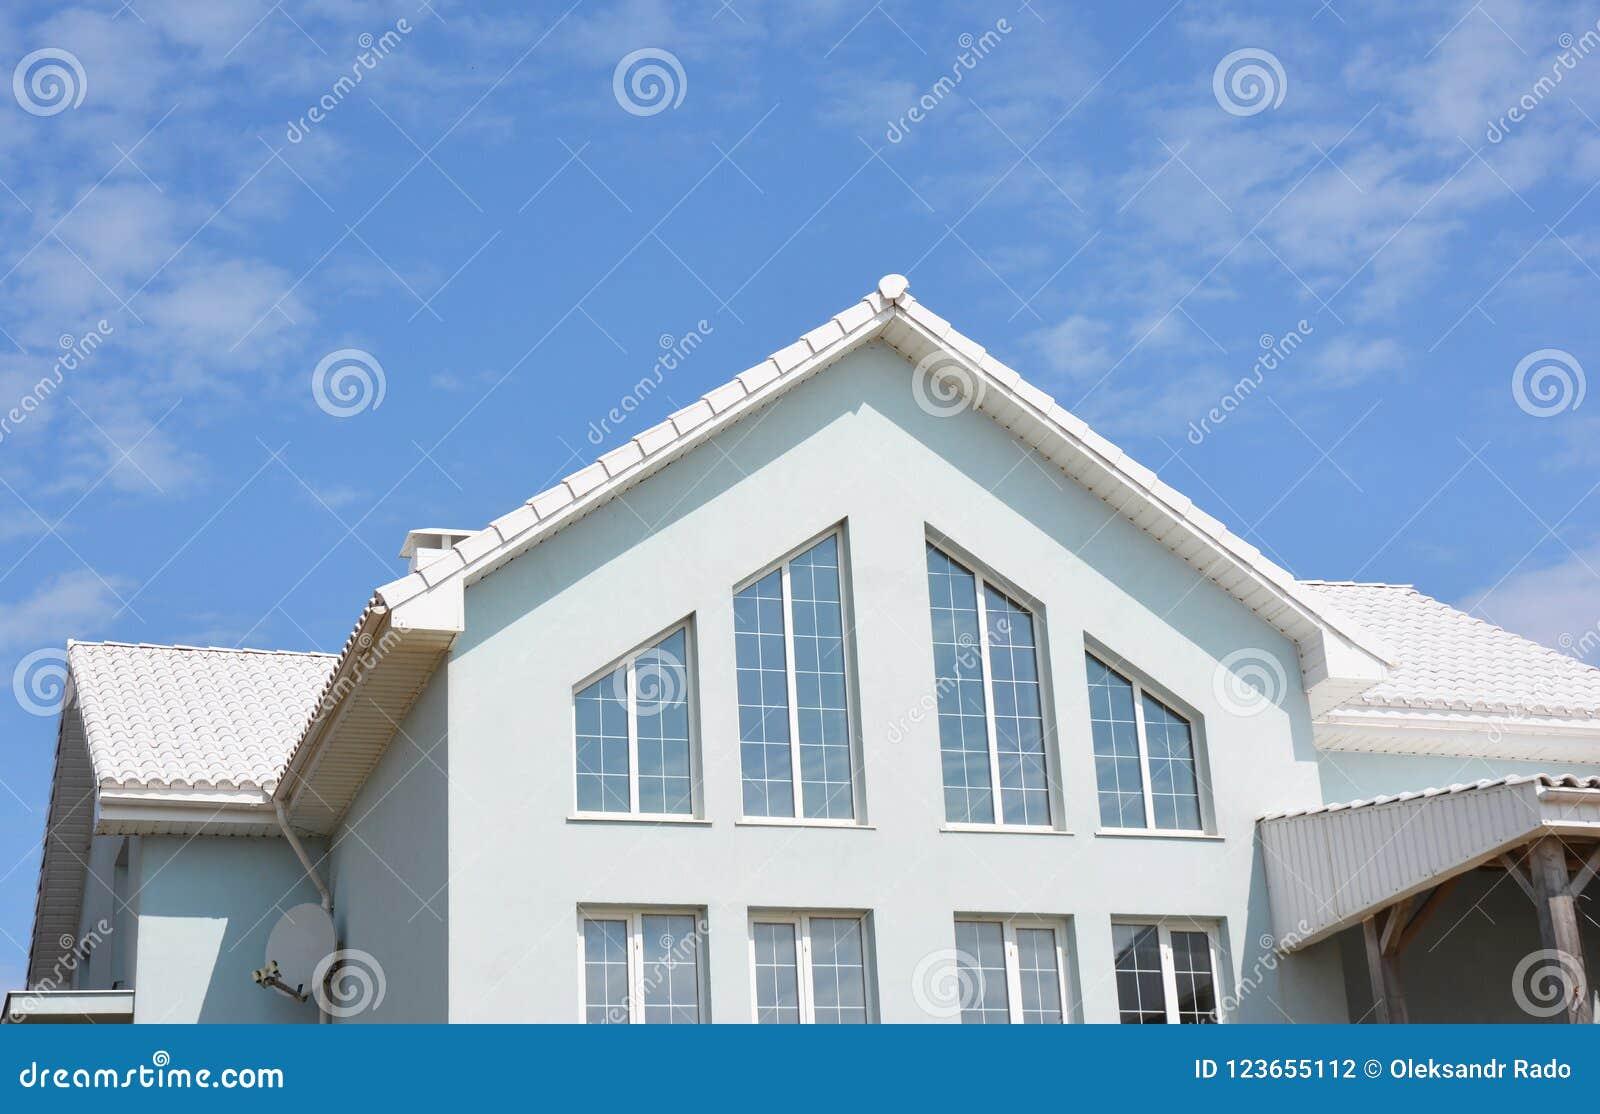 Mooi modern huis met witte muren, witte daktegels en grote panoramische huis zoldervensters